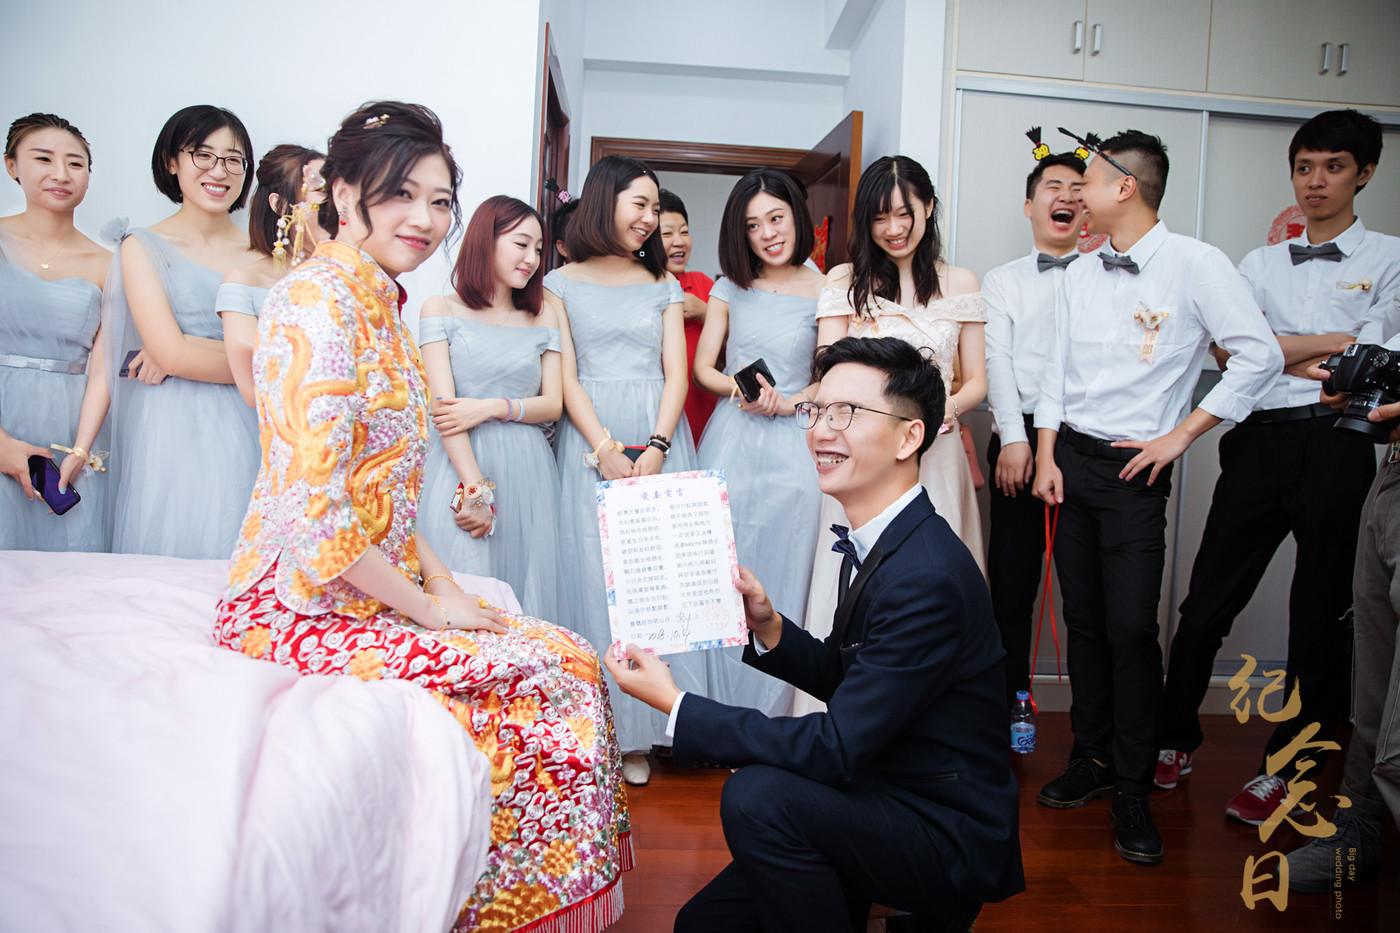 婚礼 | 志明&琳琳42